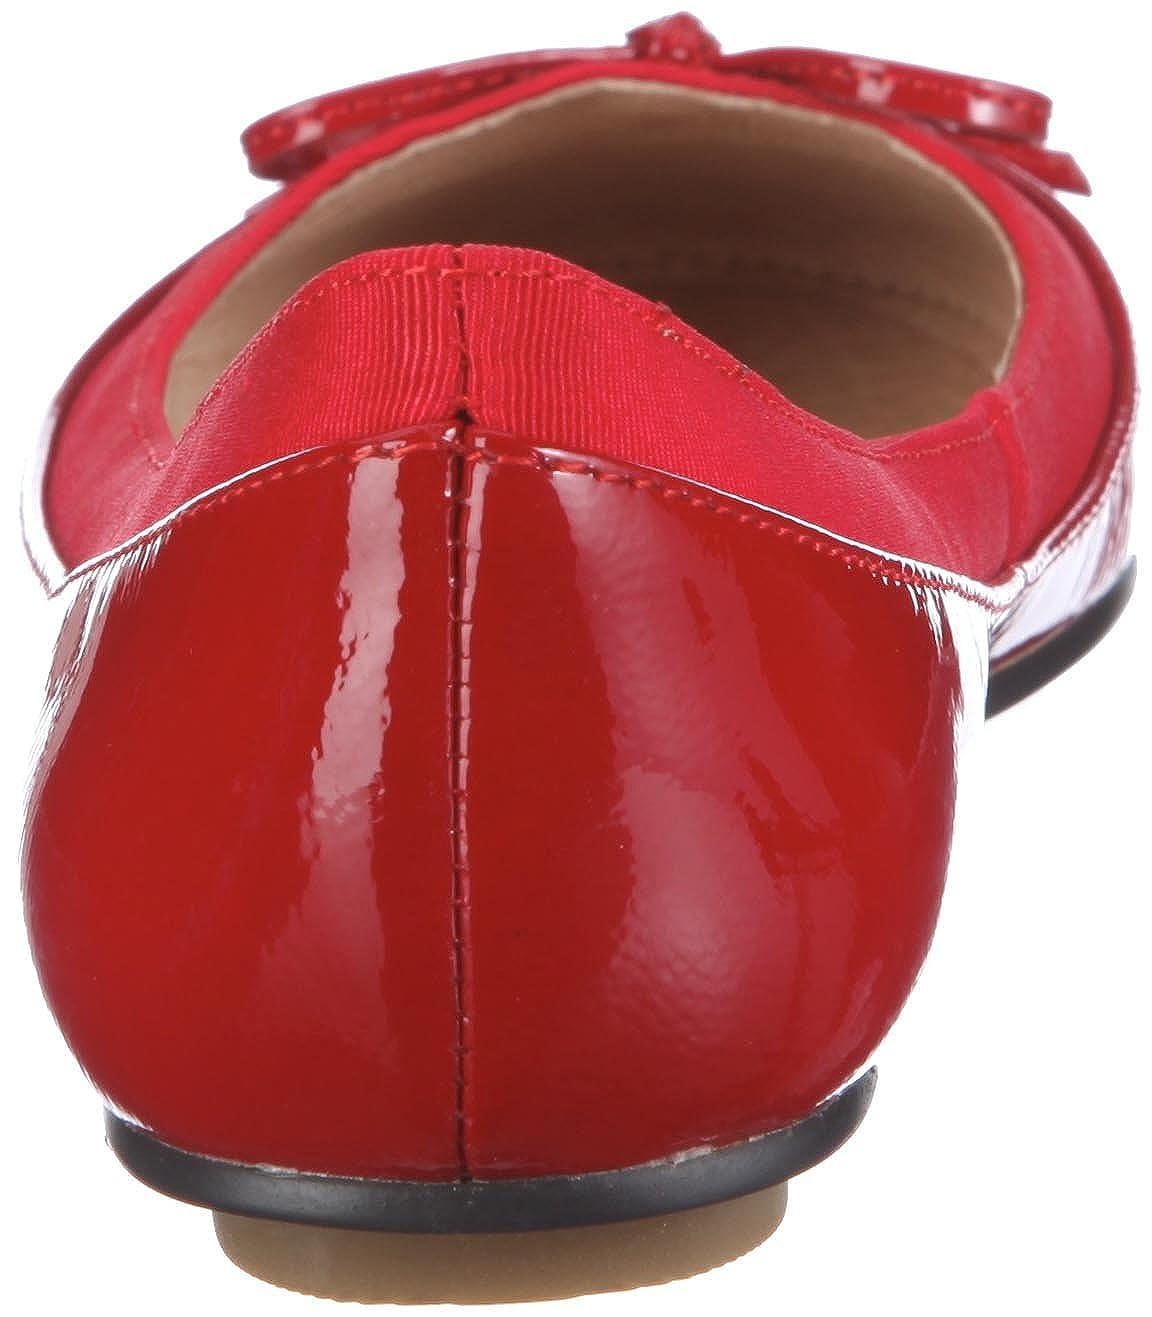 Buffalo London 207-3562 Ballerinas PATENT LEATHER 123339 Damen Ballerinas 207-3562 0fb50e